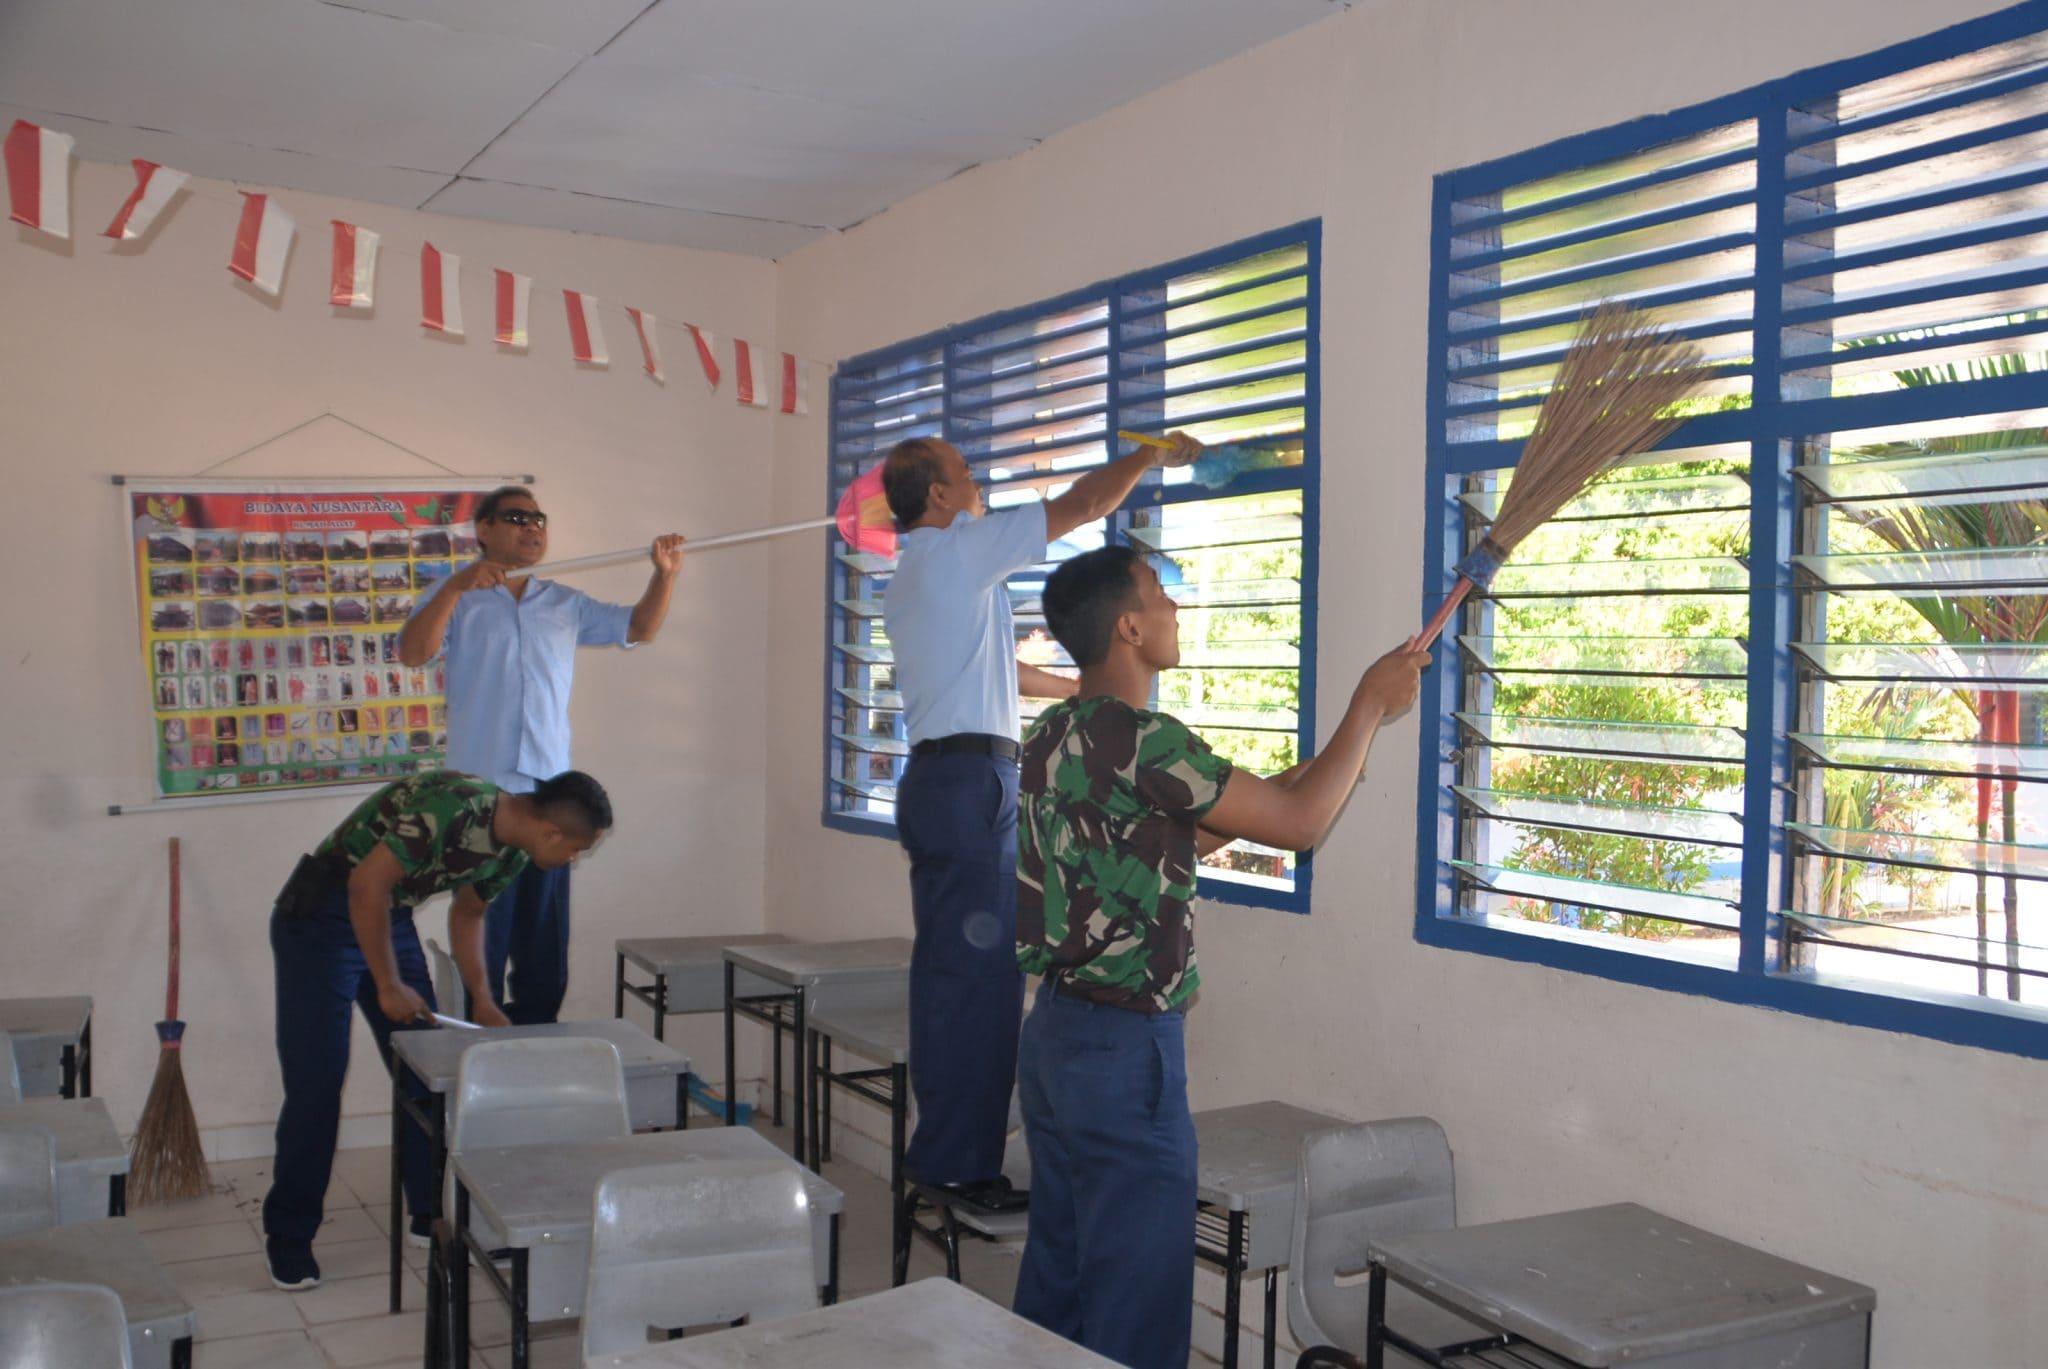 Personel Lanud Rsn Lanjutkan Bersih-Bersih Sekolah Angkasa